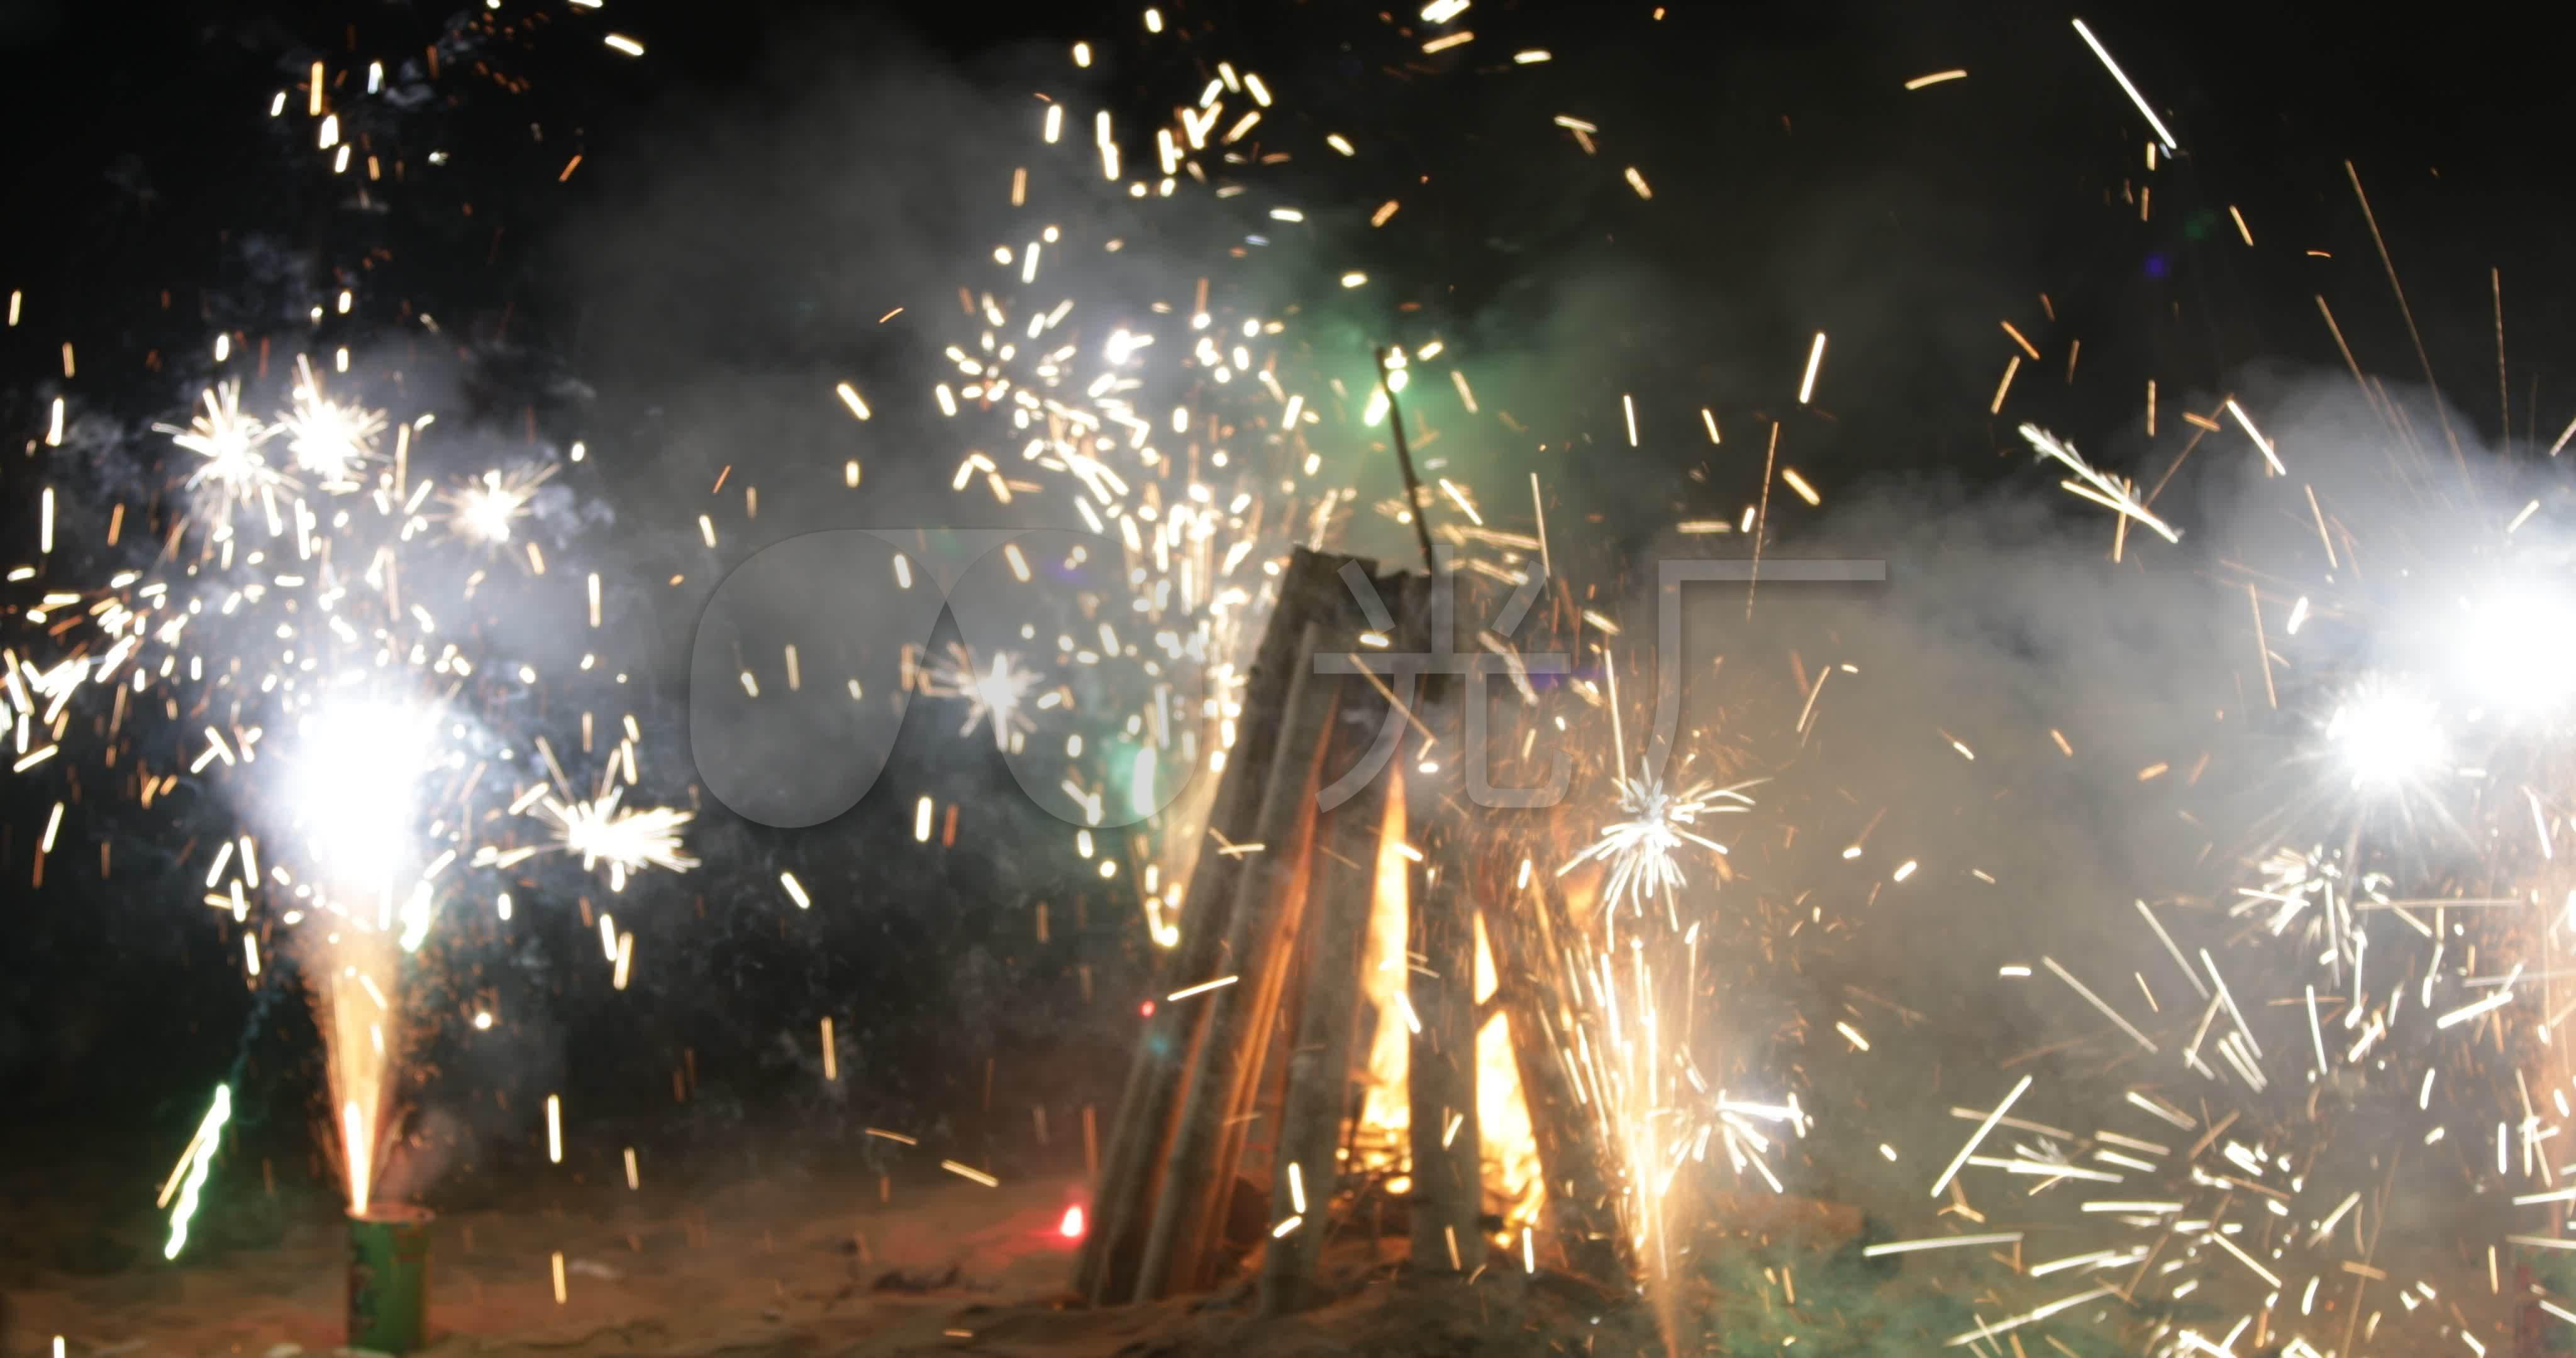 海边夜晚篝火晚放烟花方法_4096X2160_高全站仪a篝火设站操作烟火图片